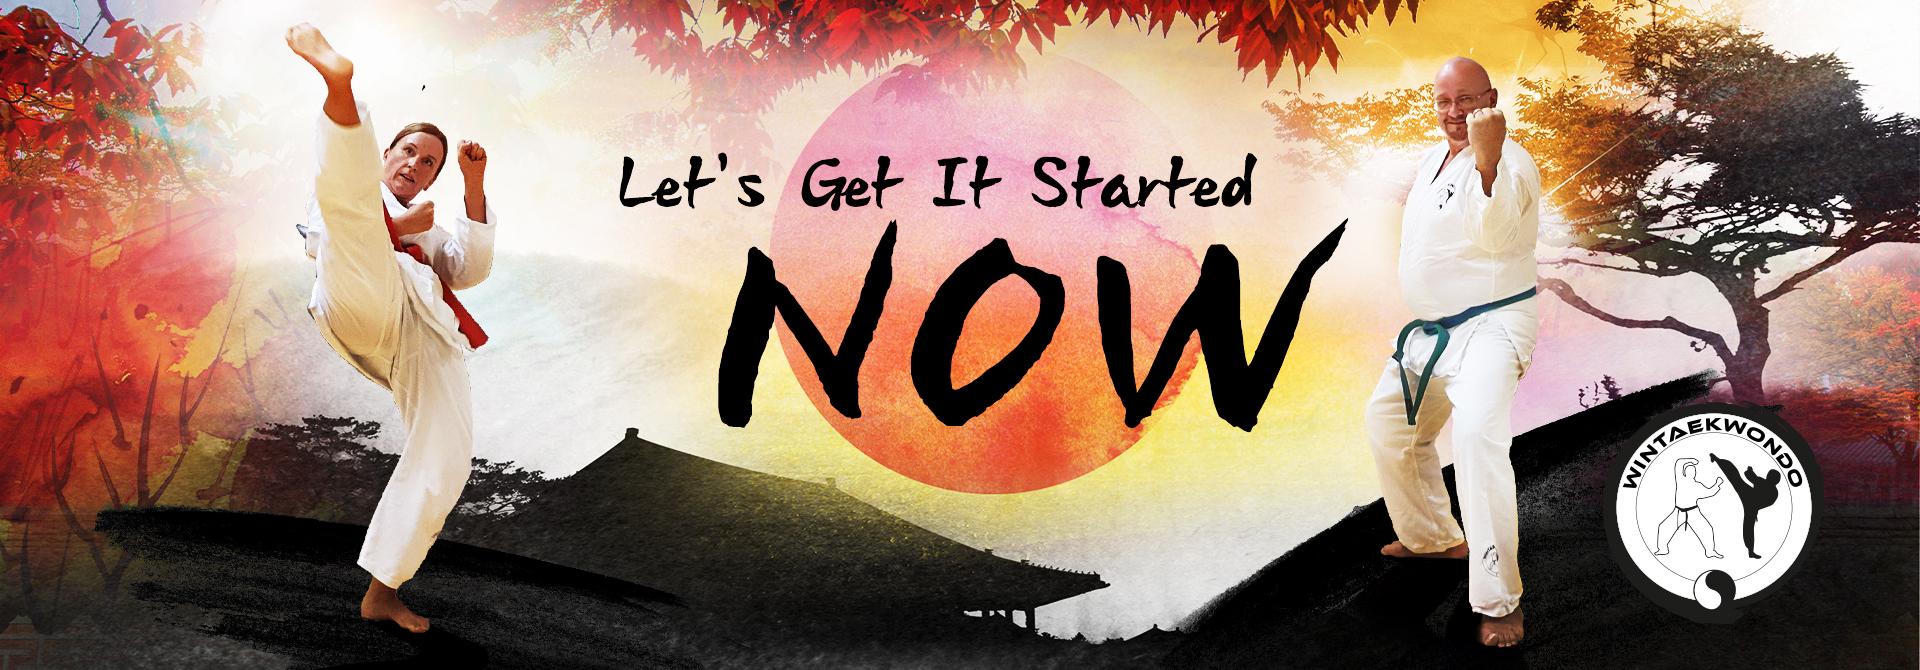 Let´s Get It startet NOW